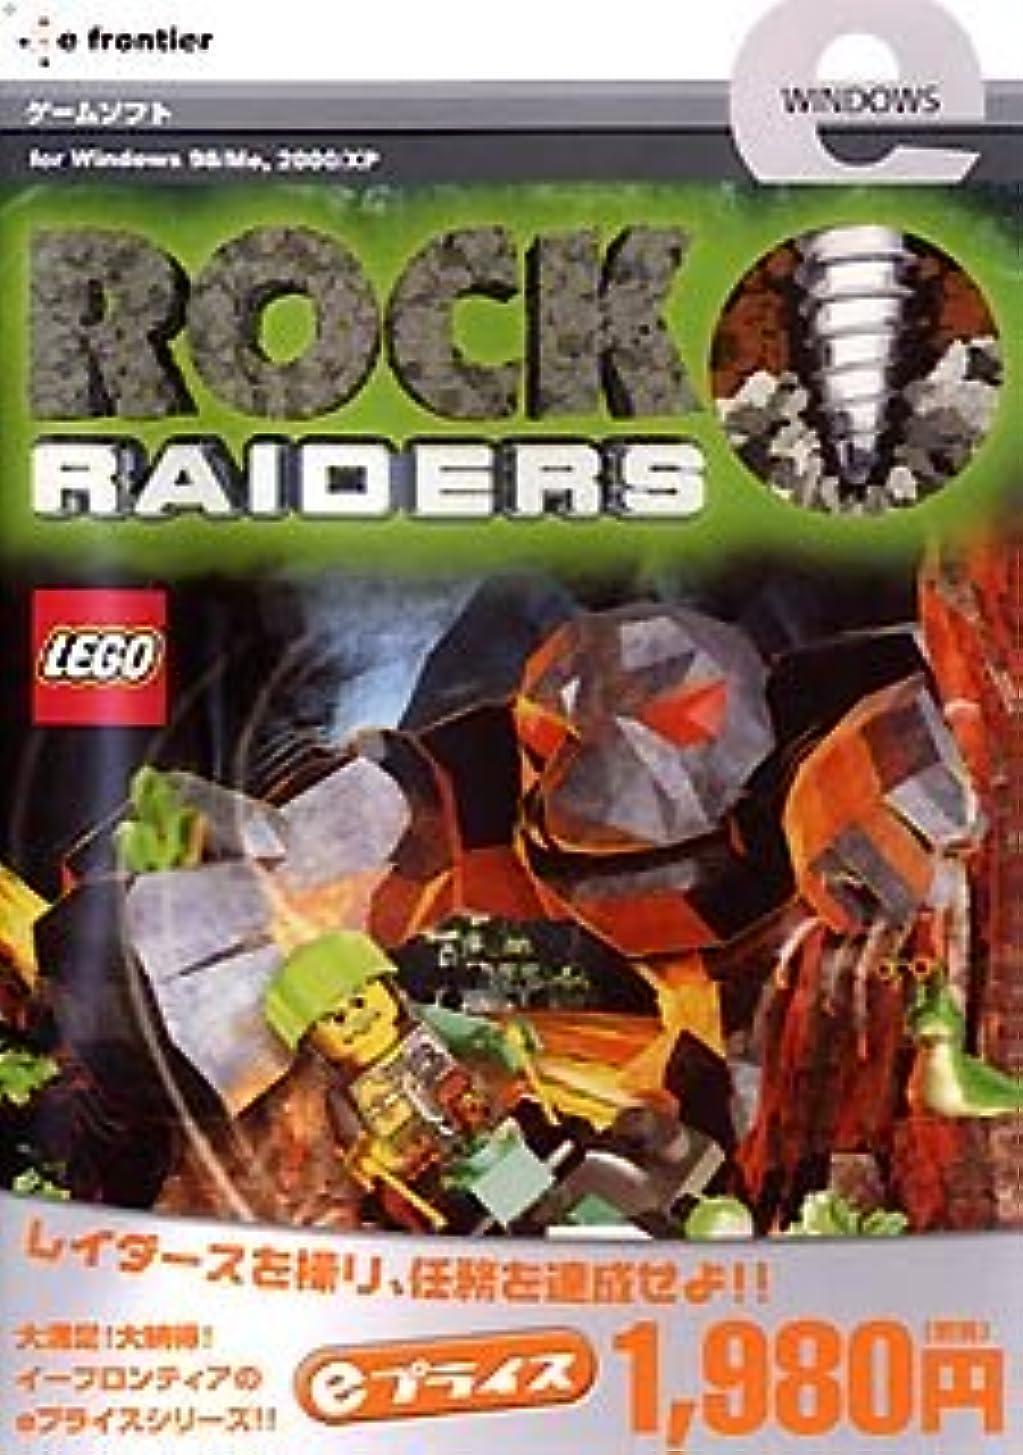 にやにやアデレードフェードアウトeプライスシリーズ レゴ?ロックレイダース